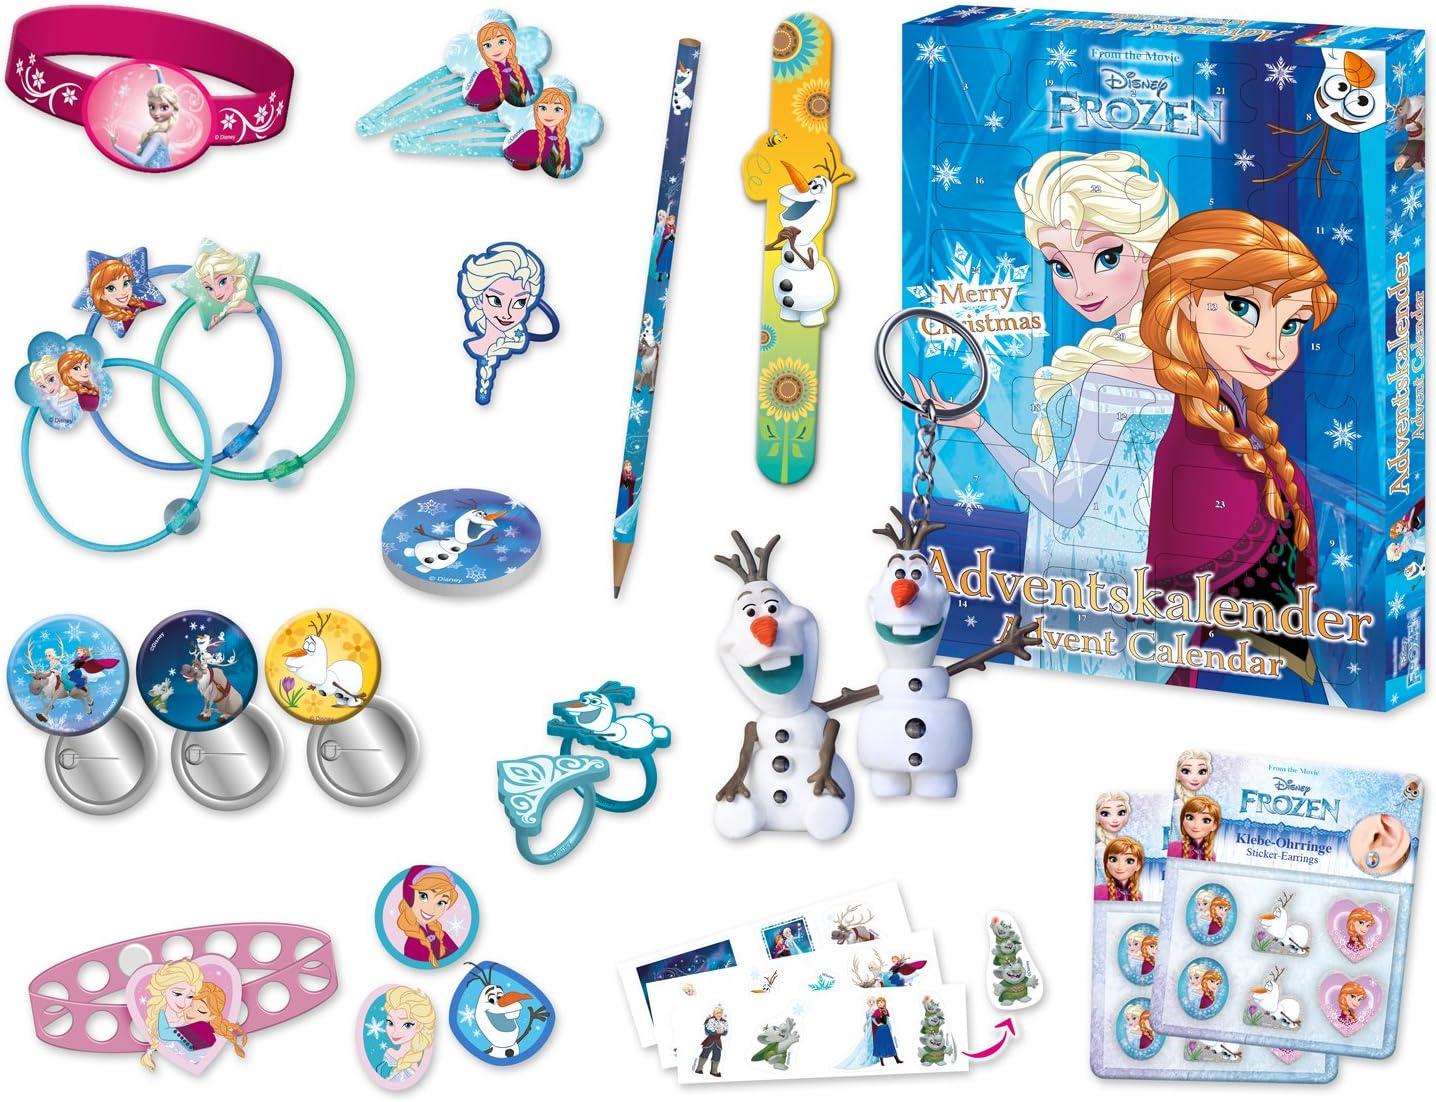 Inhalt Craze Frozen Adventskalender 2016